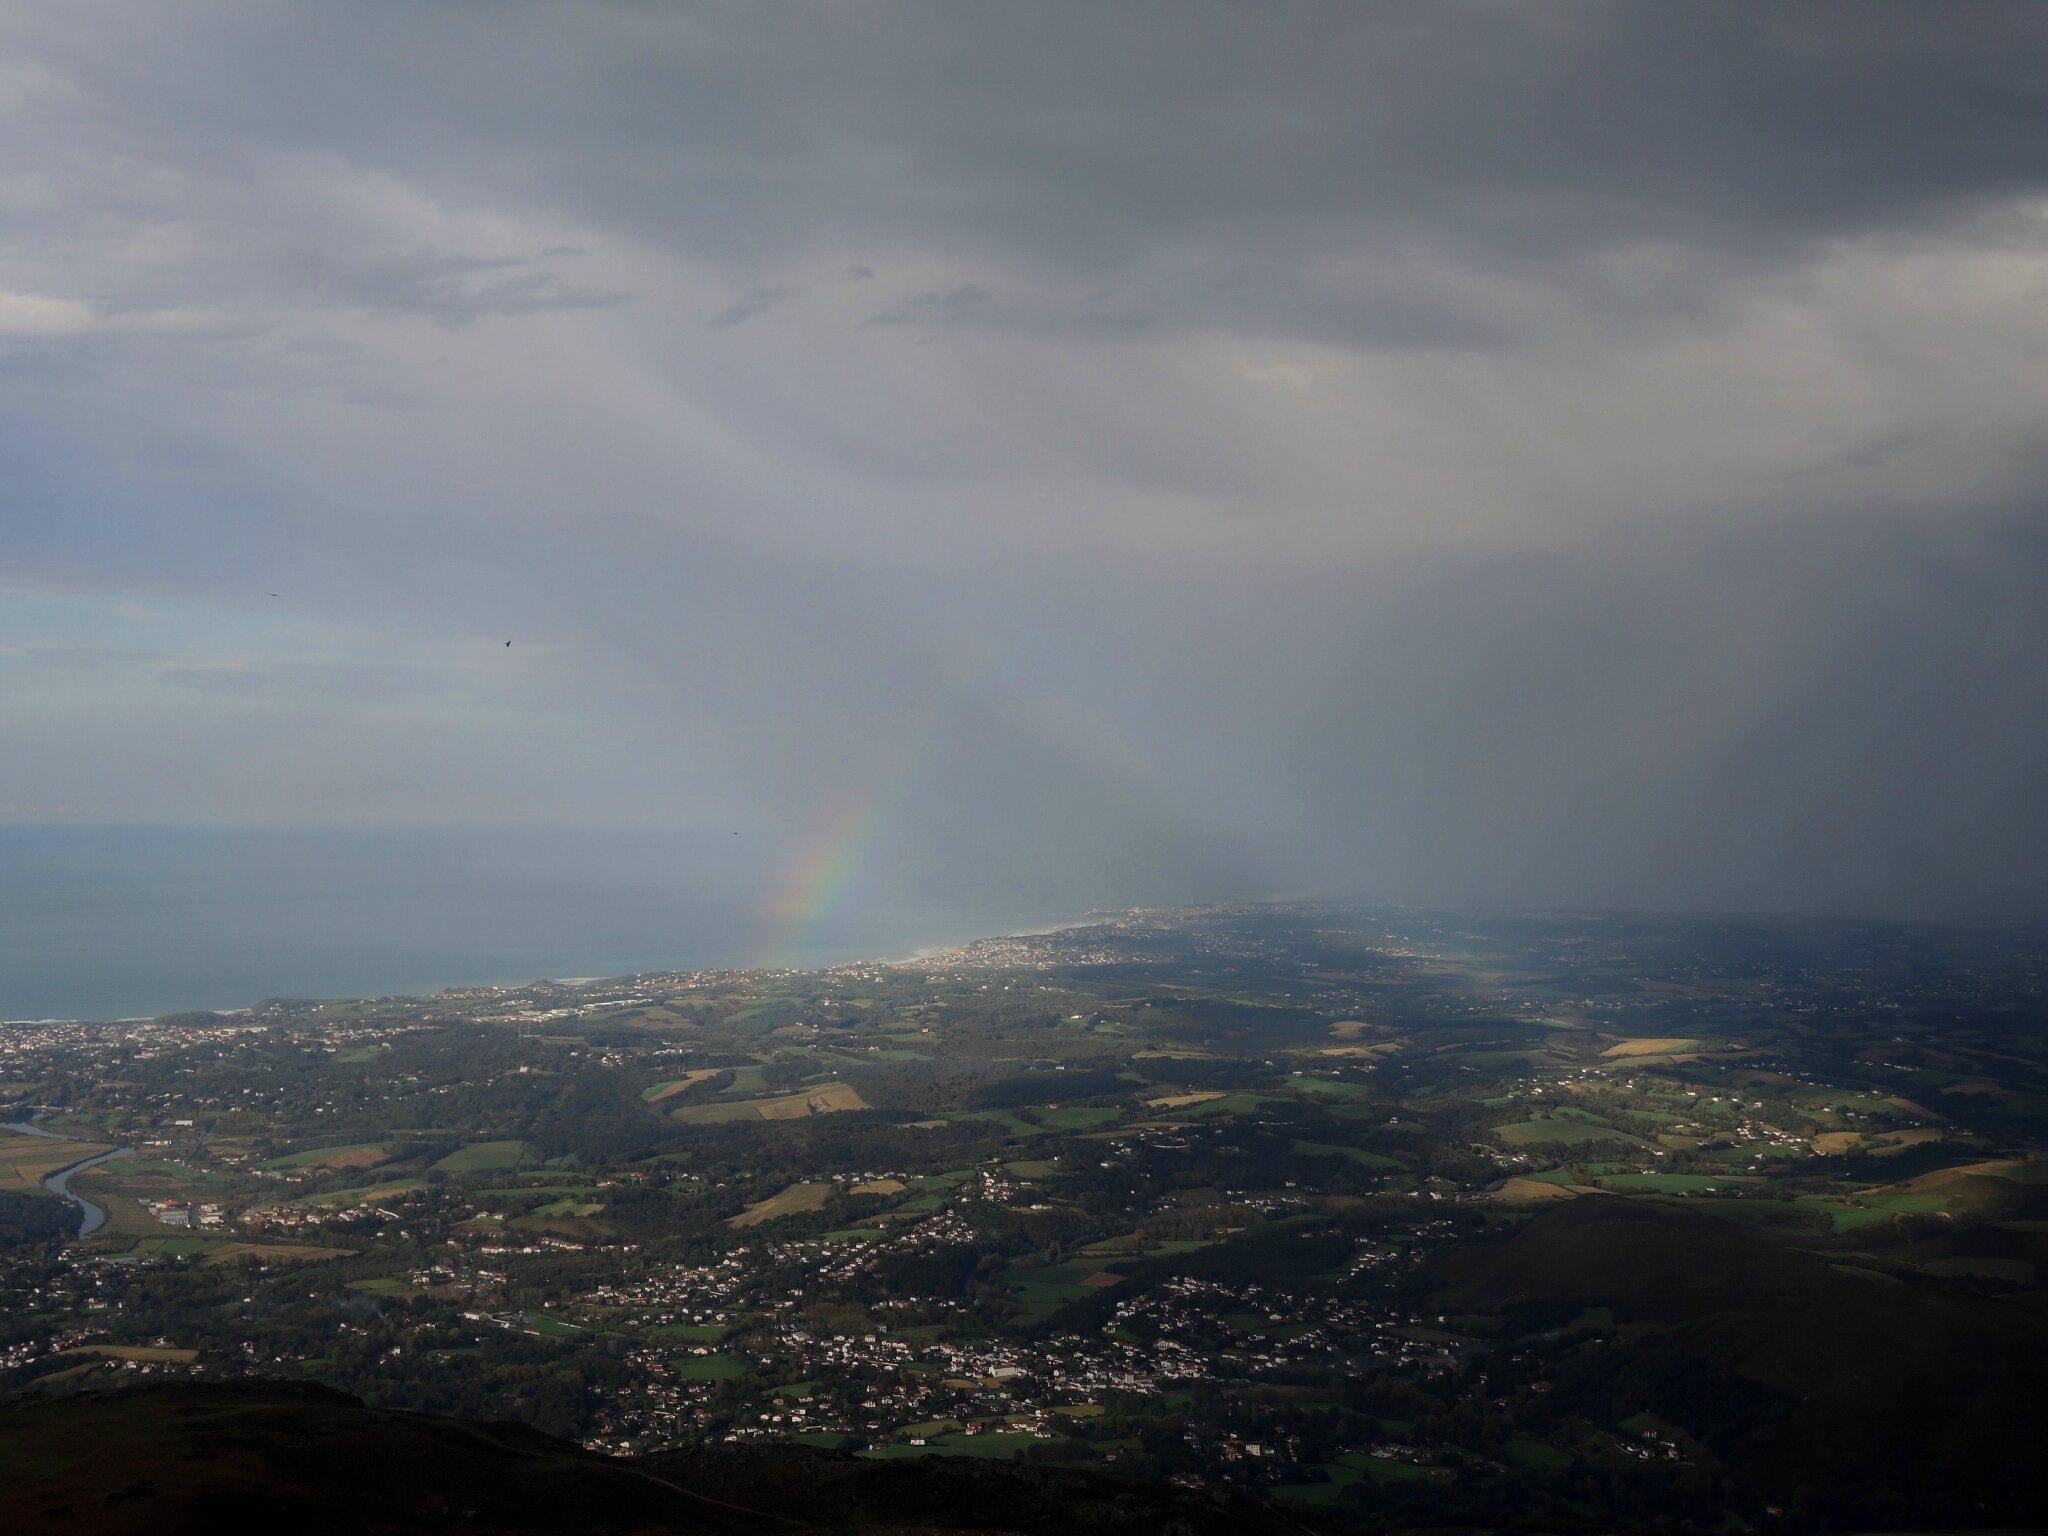 La Rhune, côte basque et arc-en-ciel